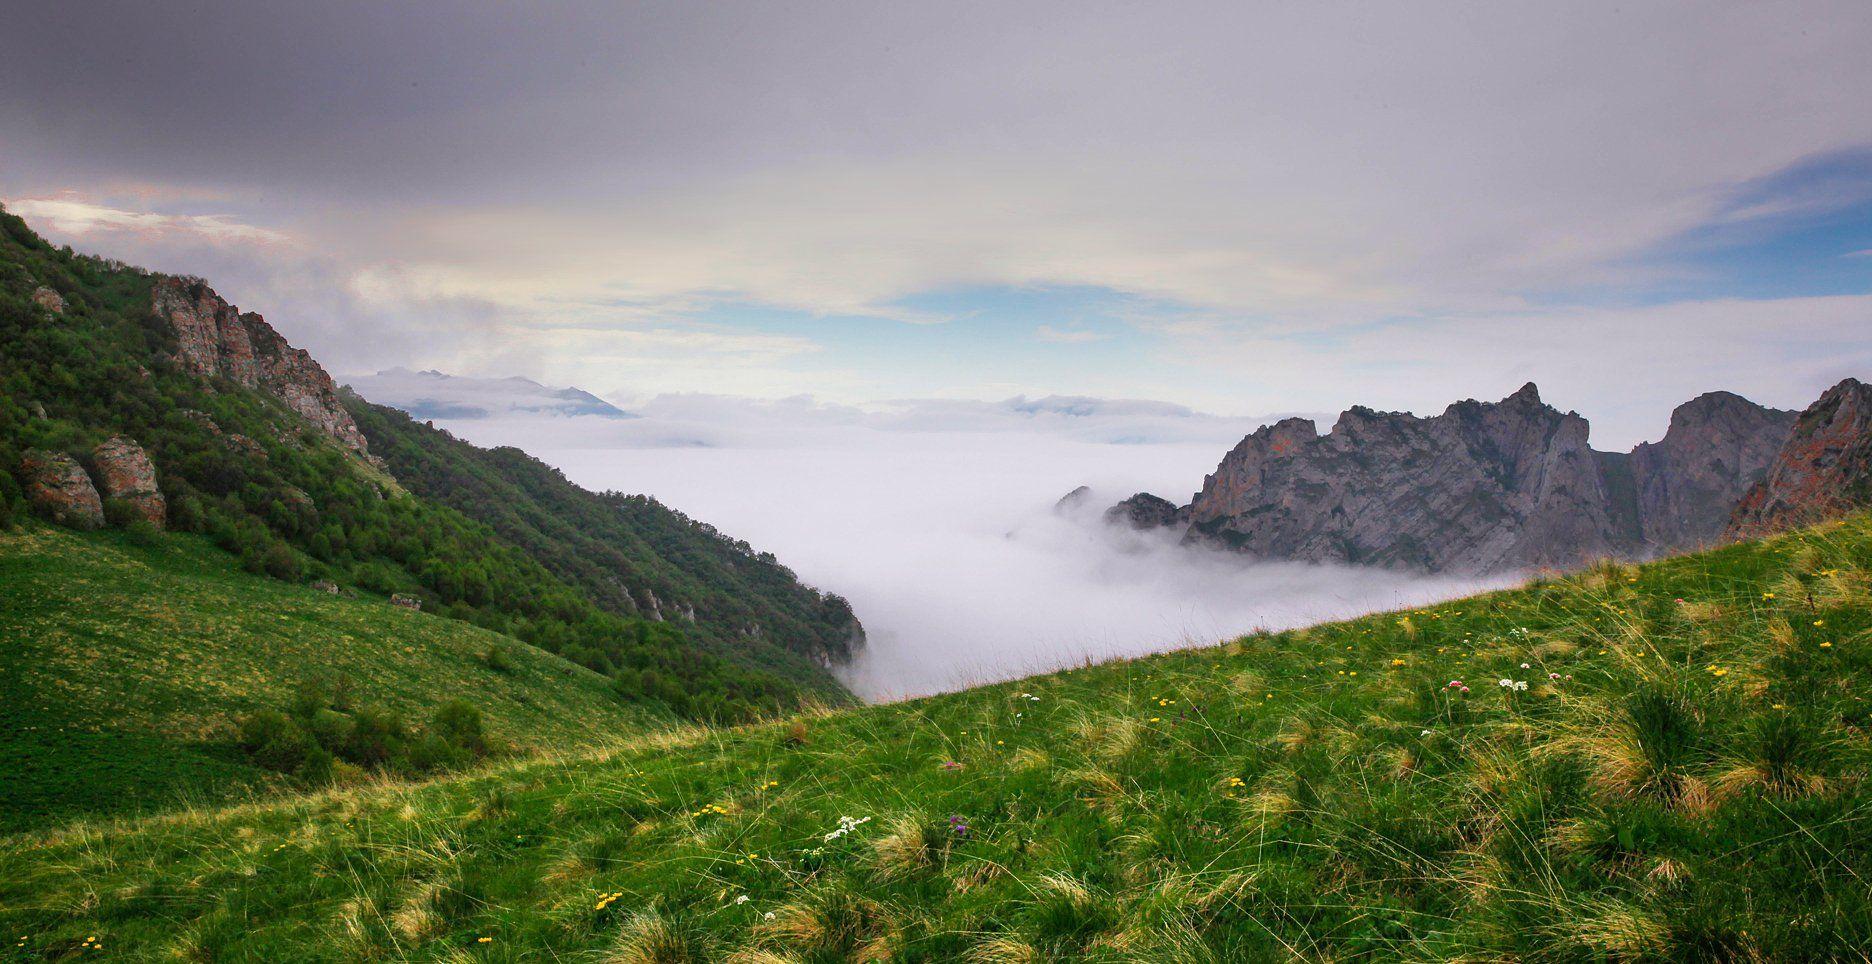 горы,пейзаж,горный пейзаж,весна,чечня,северный кавказ,, Magov Marat